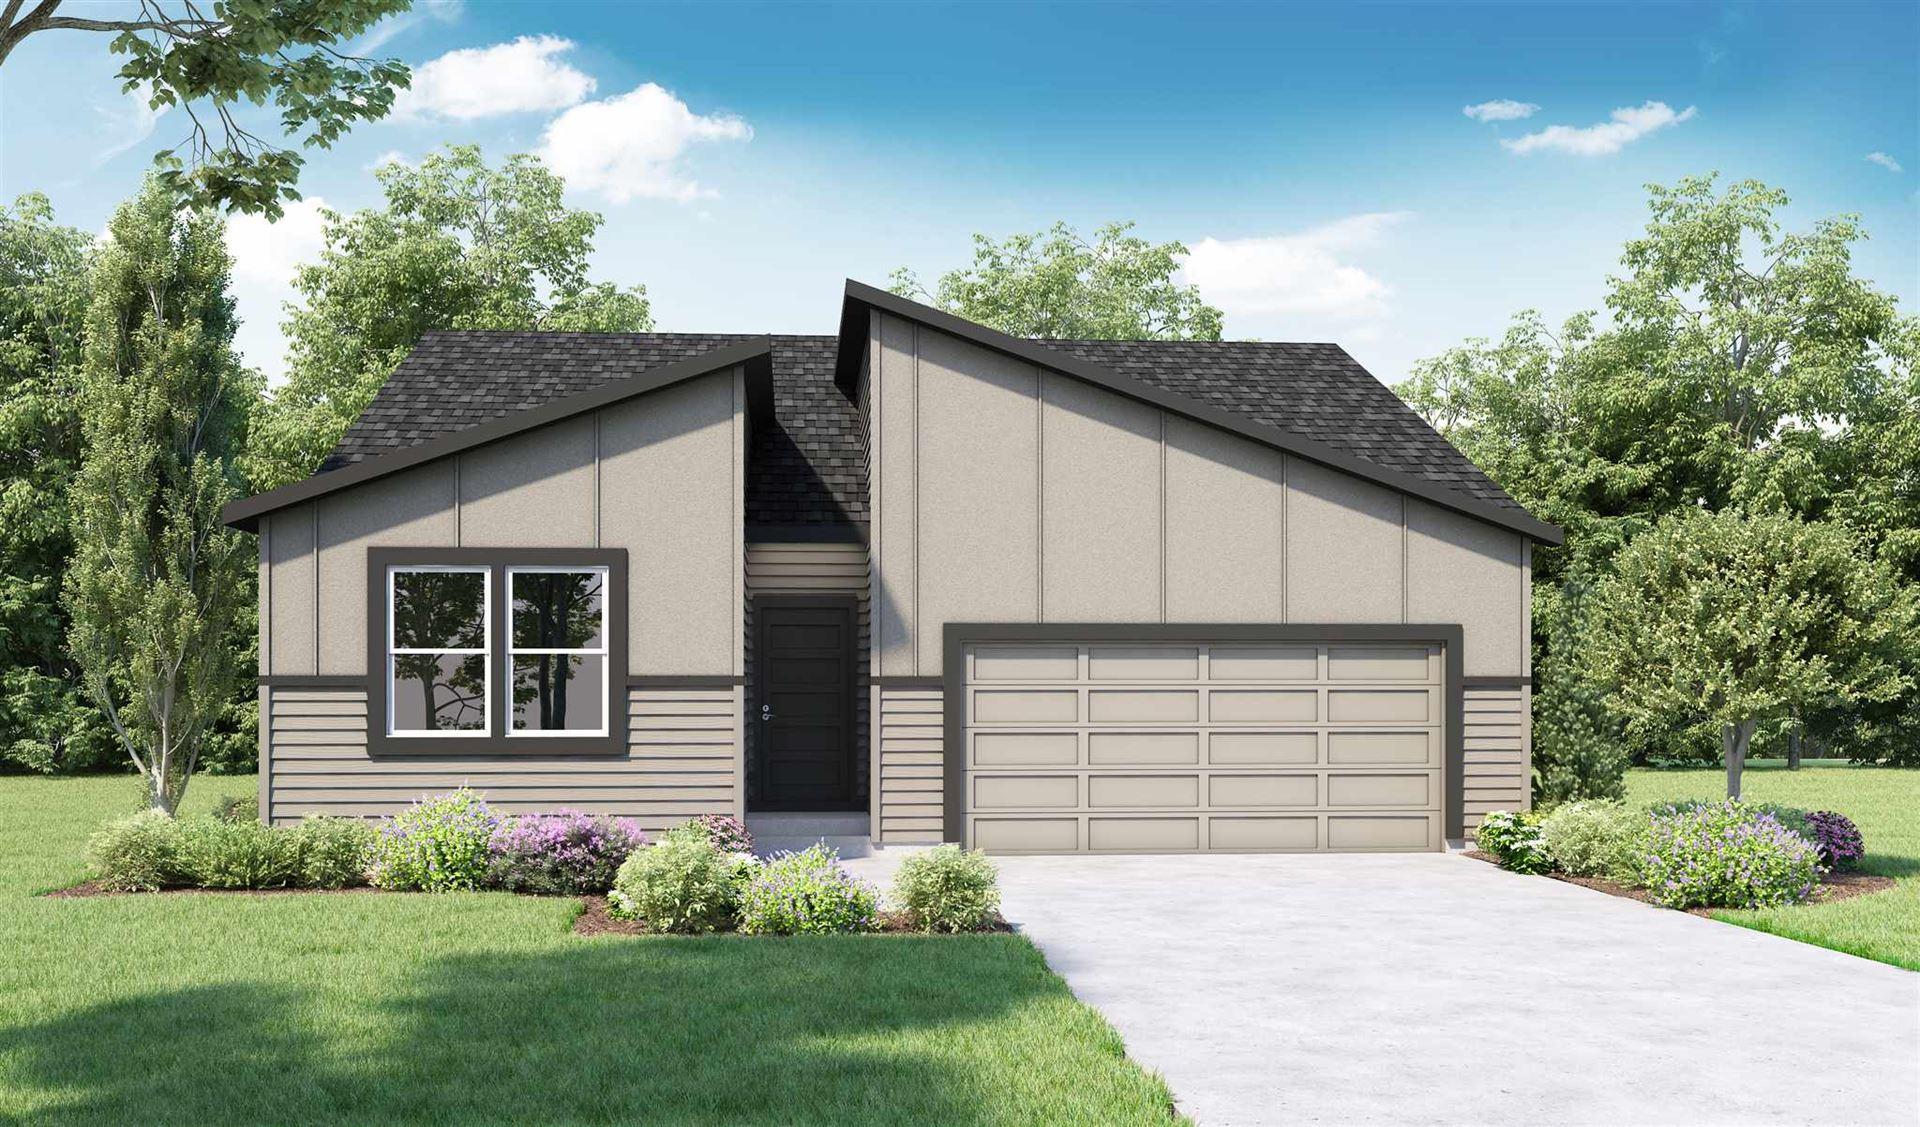 3221 N McKinnon Rd, Spokane, WA 99217 - #: 202112106